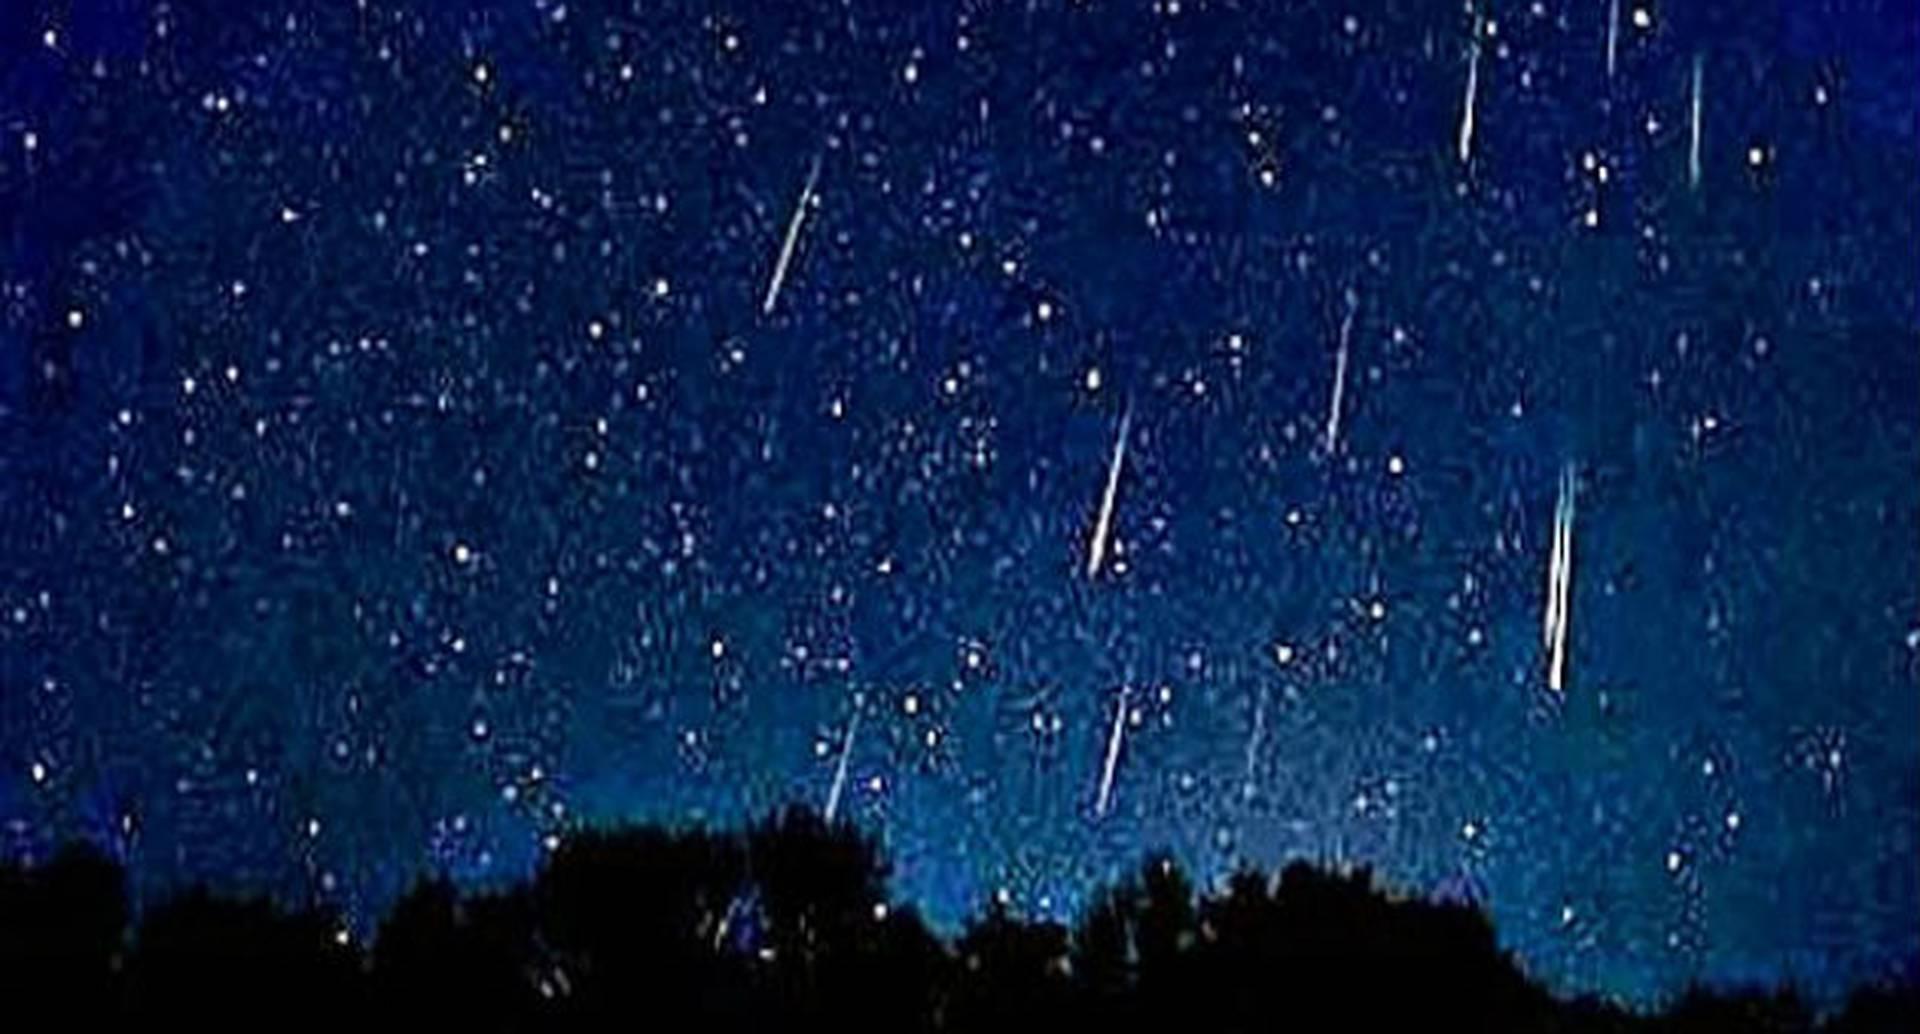 Para poder observar la lluvia de estrellas se recomienda situarse en un lugar oscuro y  alejado de la contaminación lumínica. Foto: archivo/Semana.